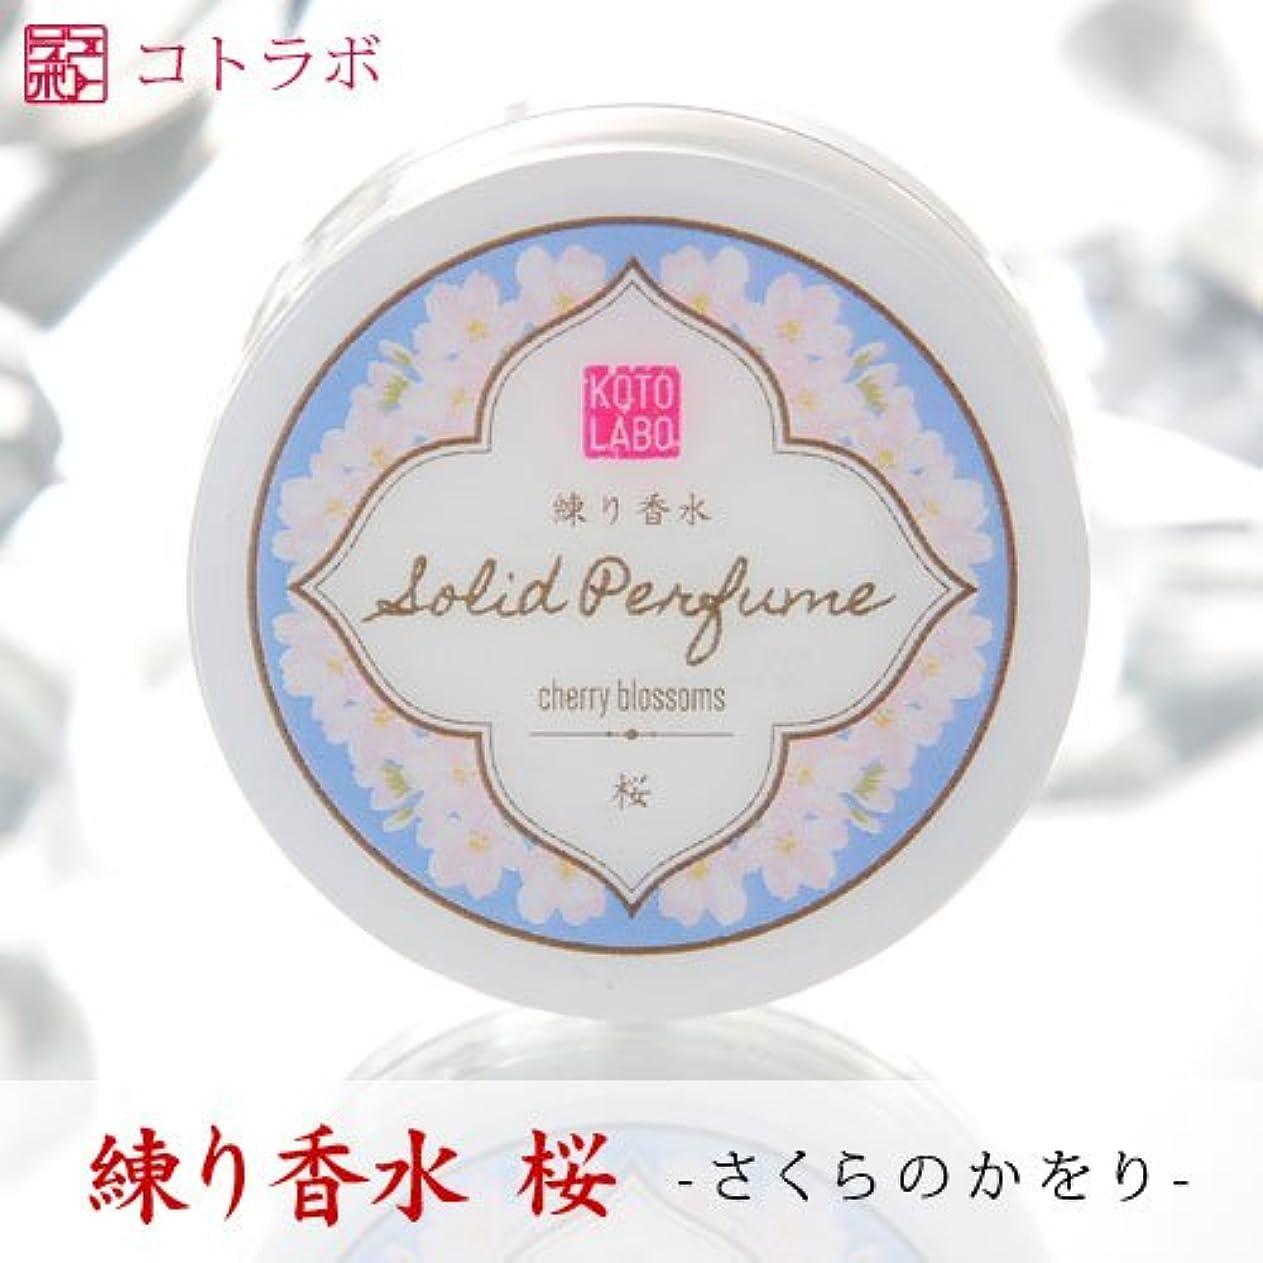 一杯覗くチューインガムコトラボ練り香水上品で優しい桜の香り|fs04gm